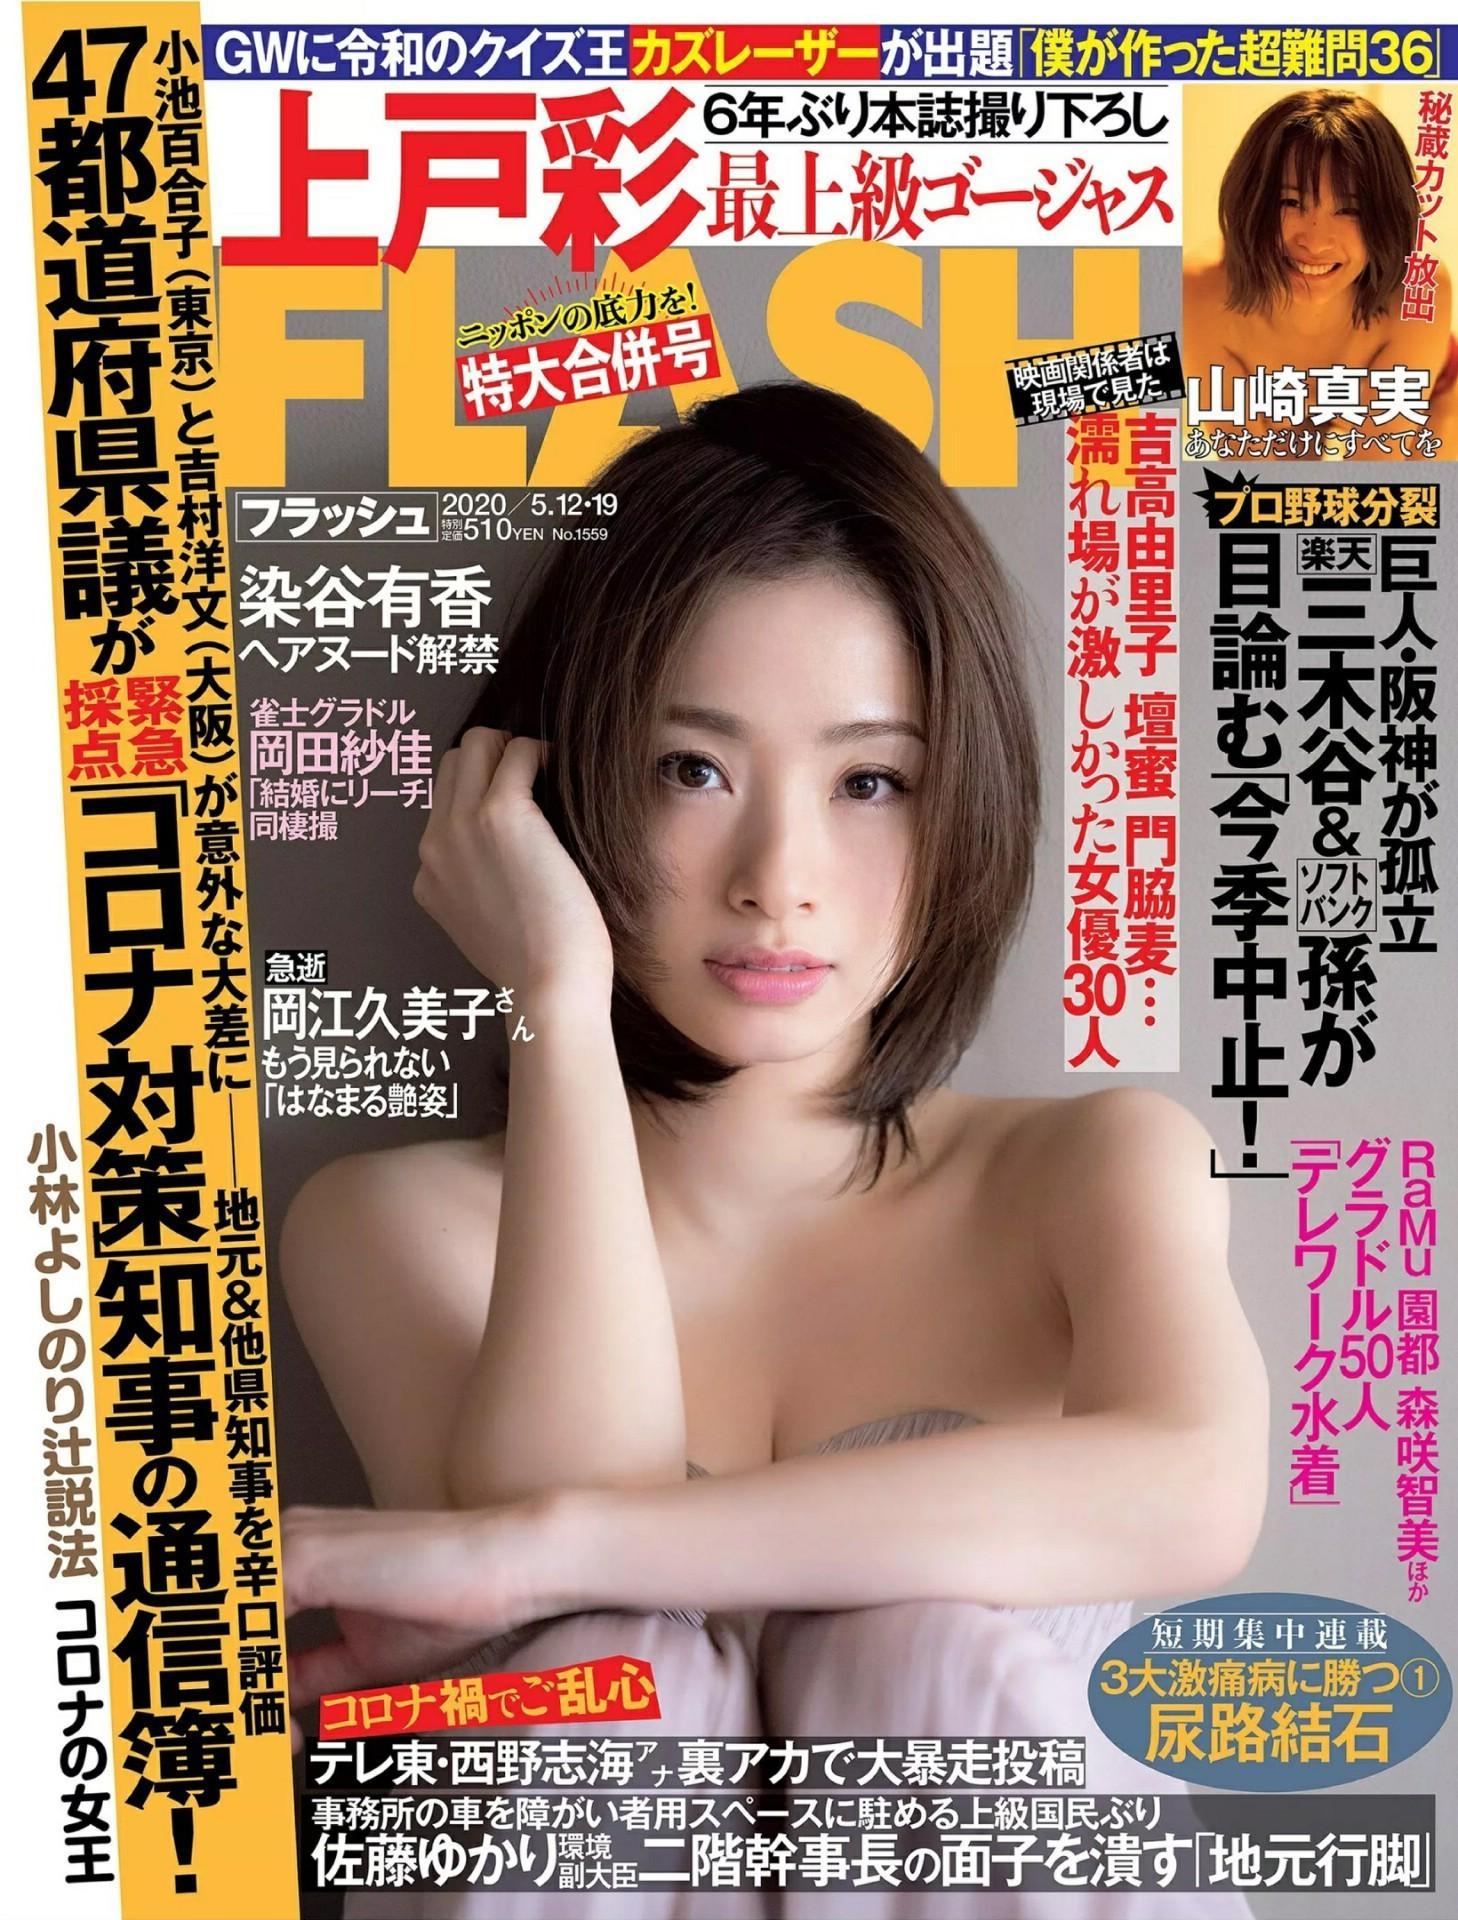 上户彩 山崎真实 Flash 2020年5月12·19合并号 Flash 写真集 第1张